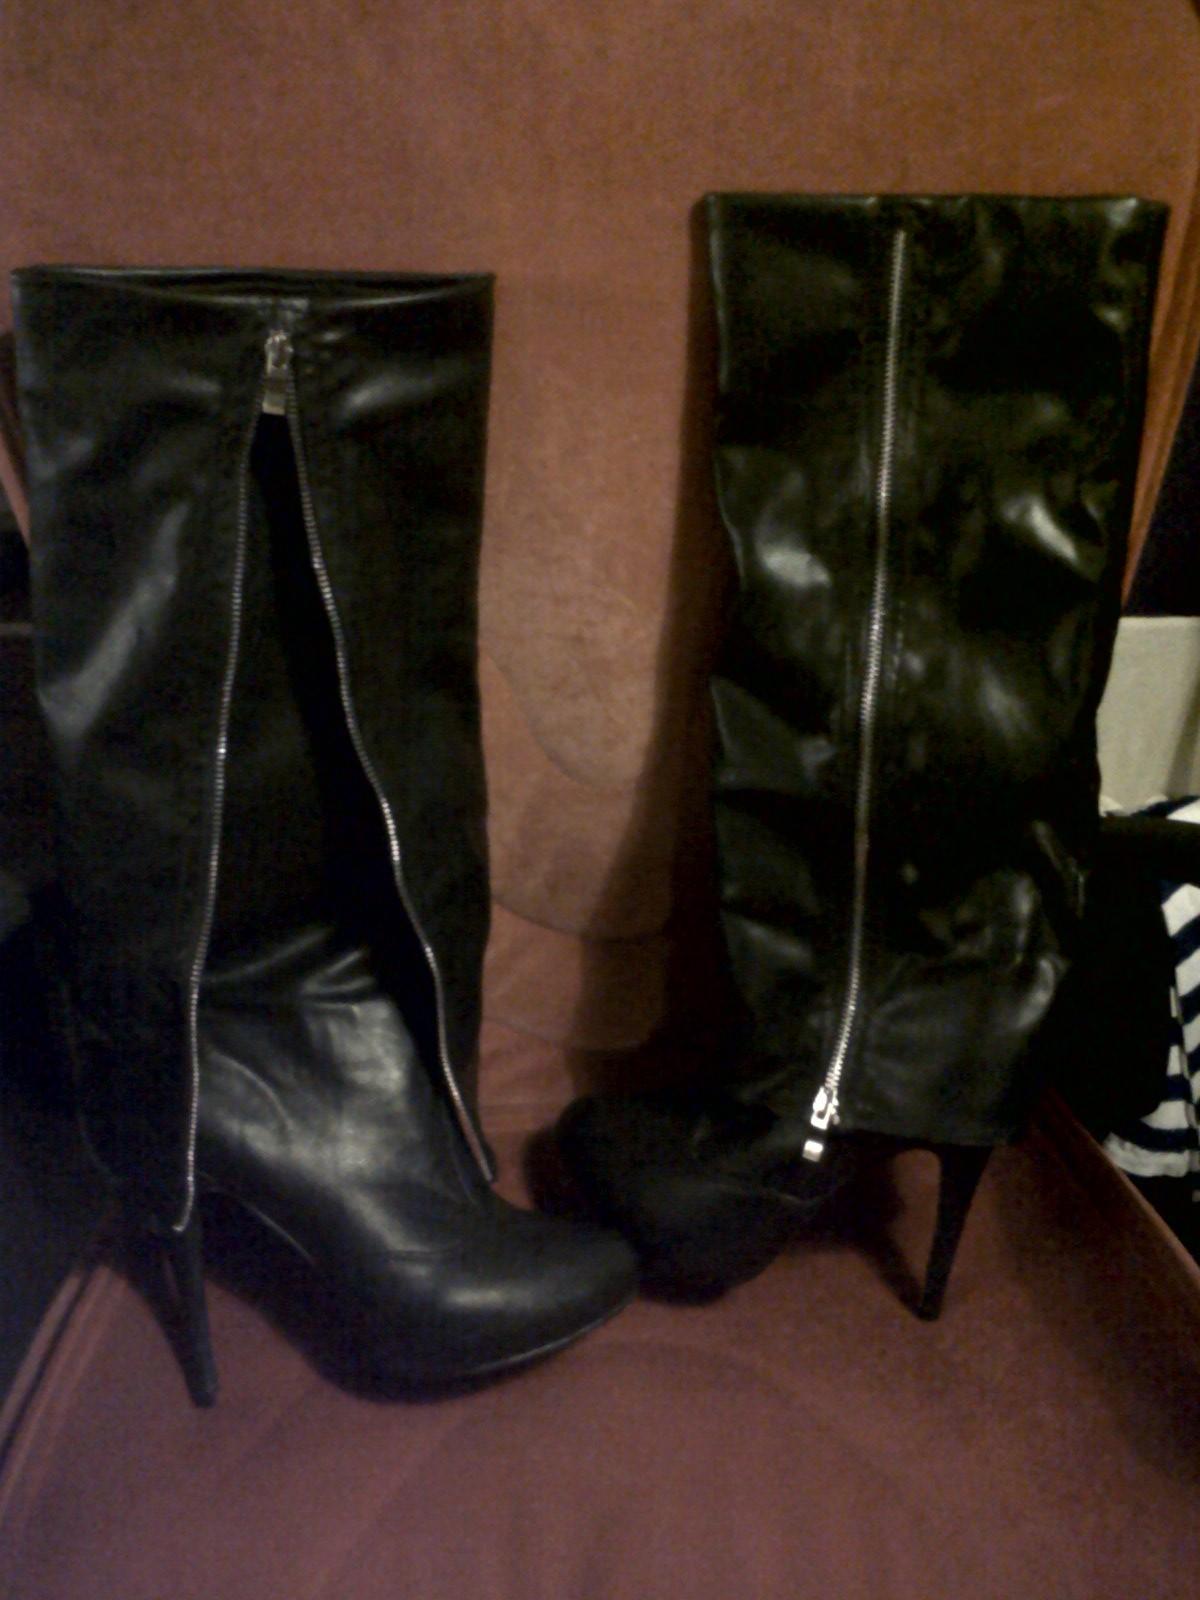 botas negras de falsa piel con cremallera lateral